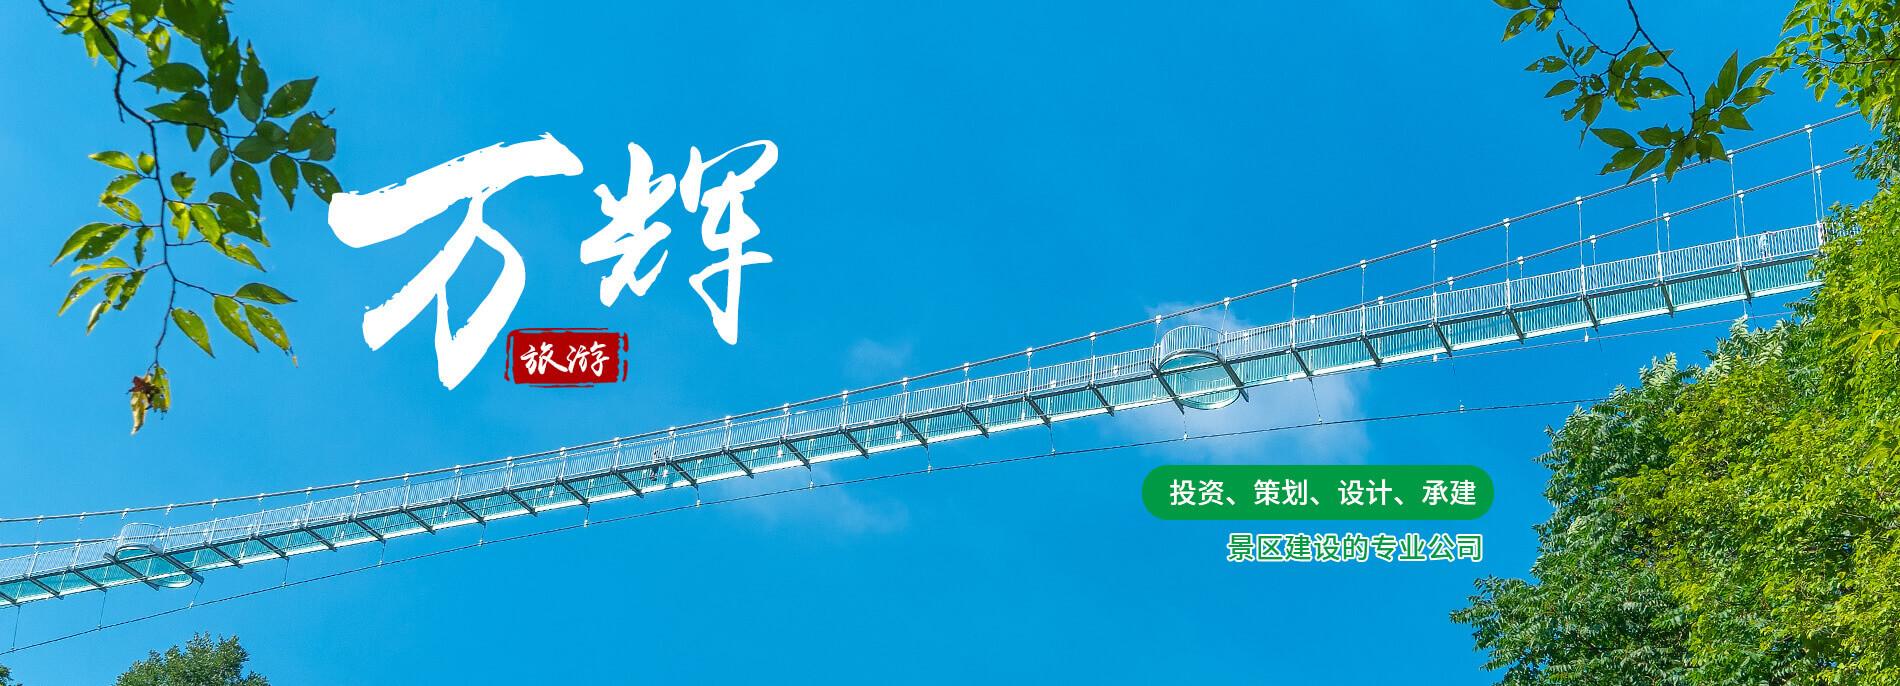 玻璃滑道建设|玻璃水滑道安zhuang|玻璃水滑道设计shi工-河南万辉旅游资源开发有限gong司